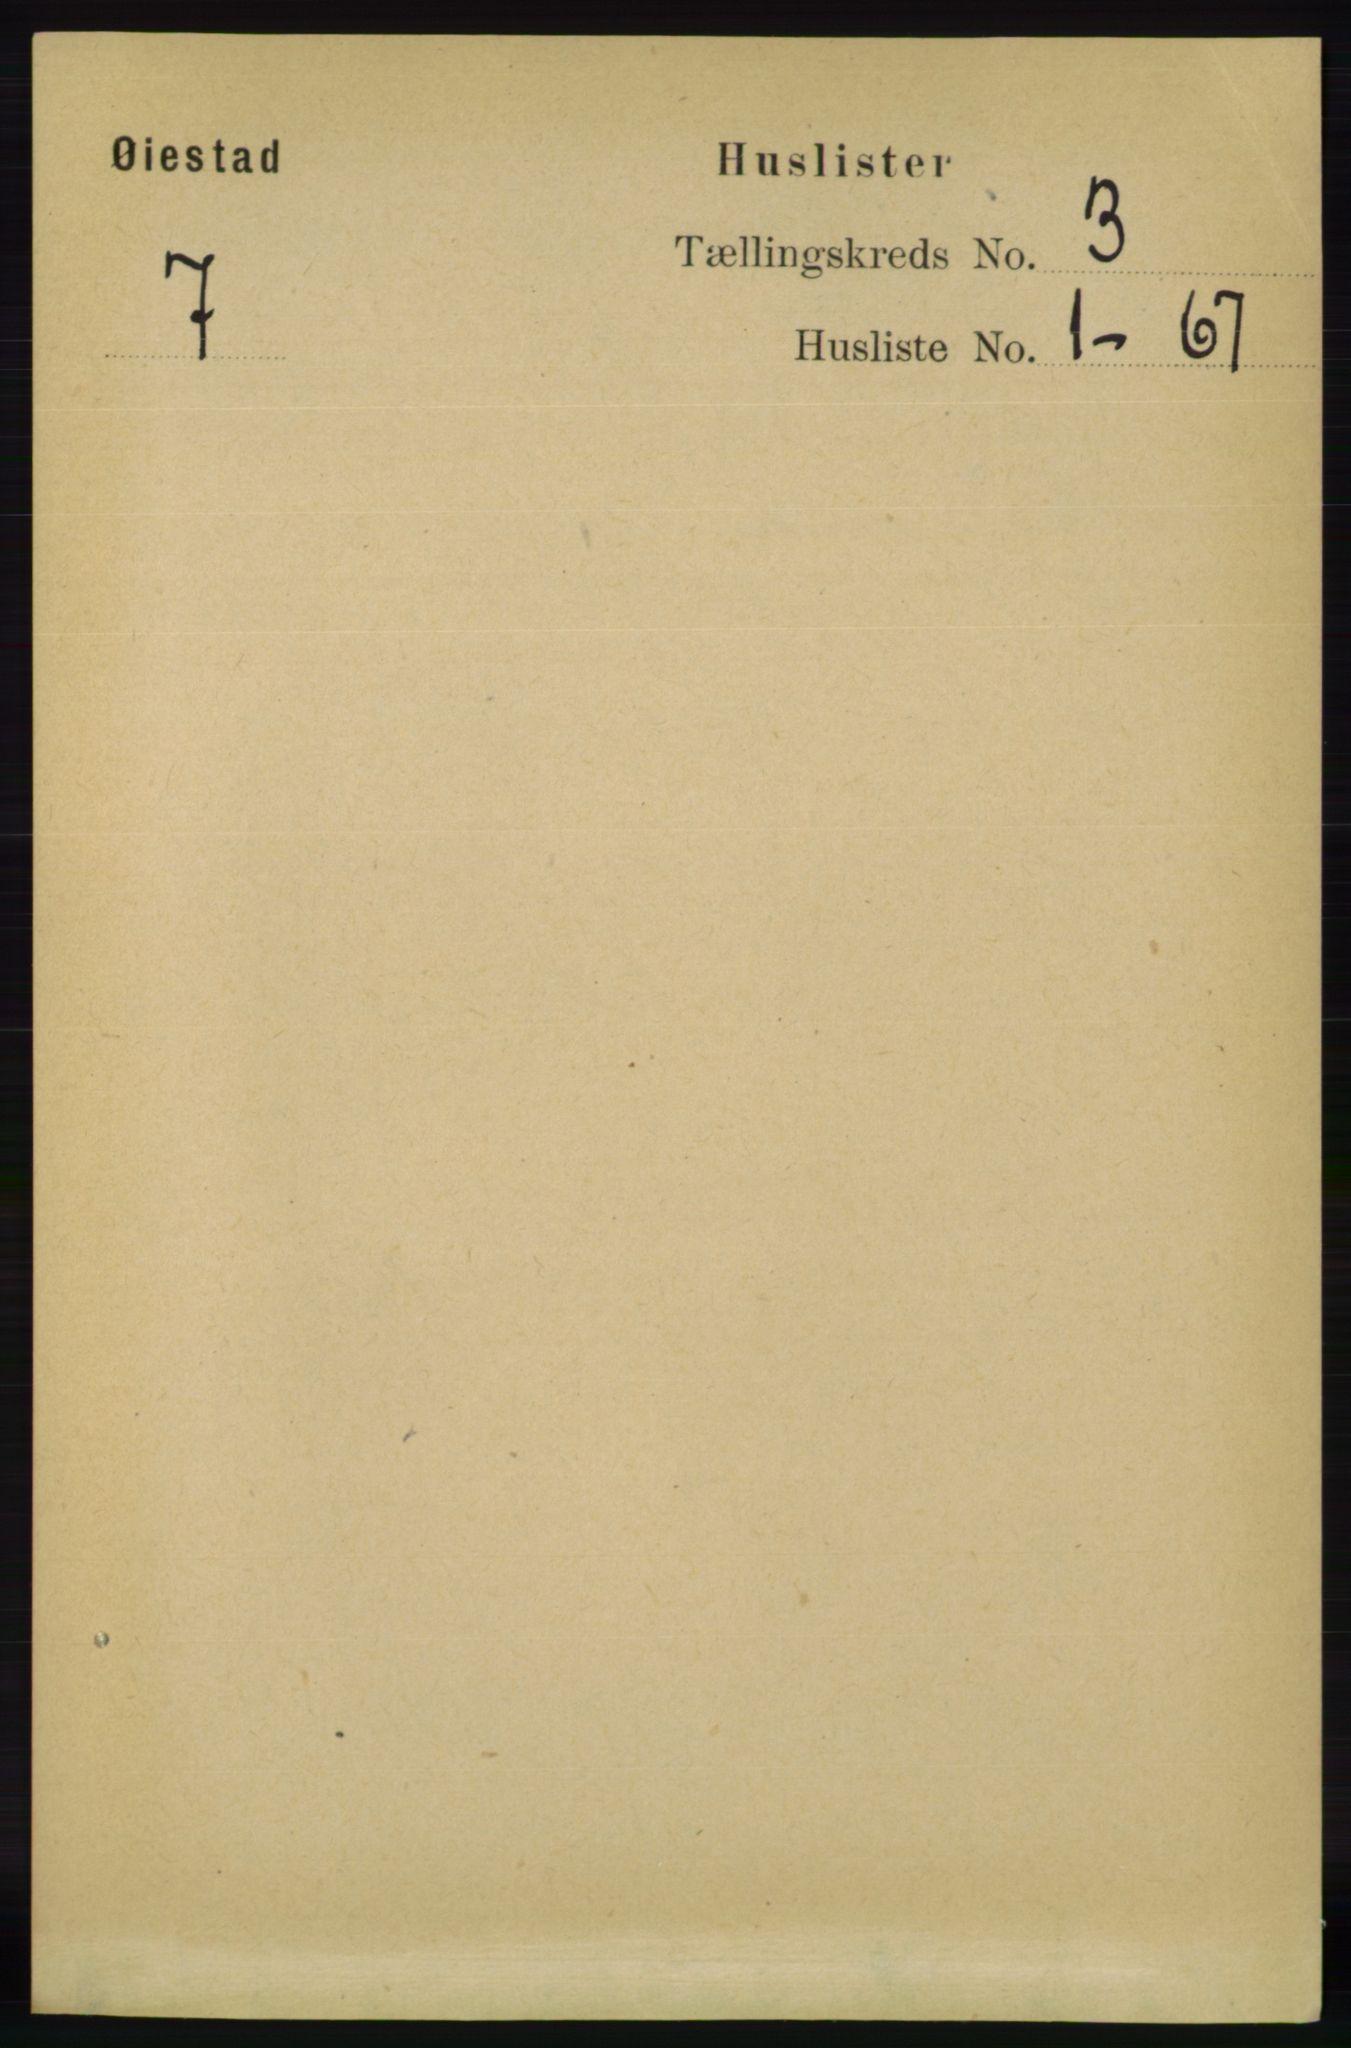 RA, Folketelling 1891 for 0920 Øyestad herred, 1891, s. 835